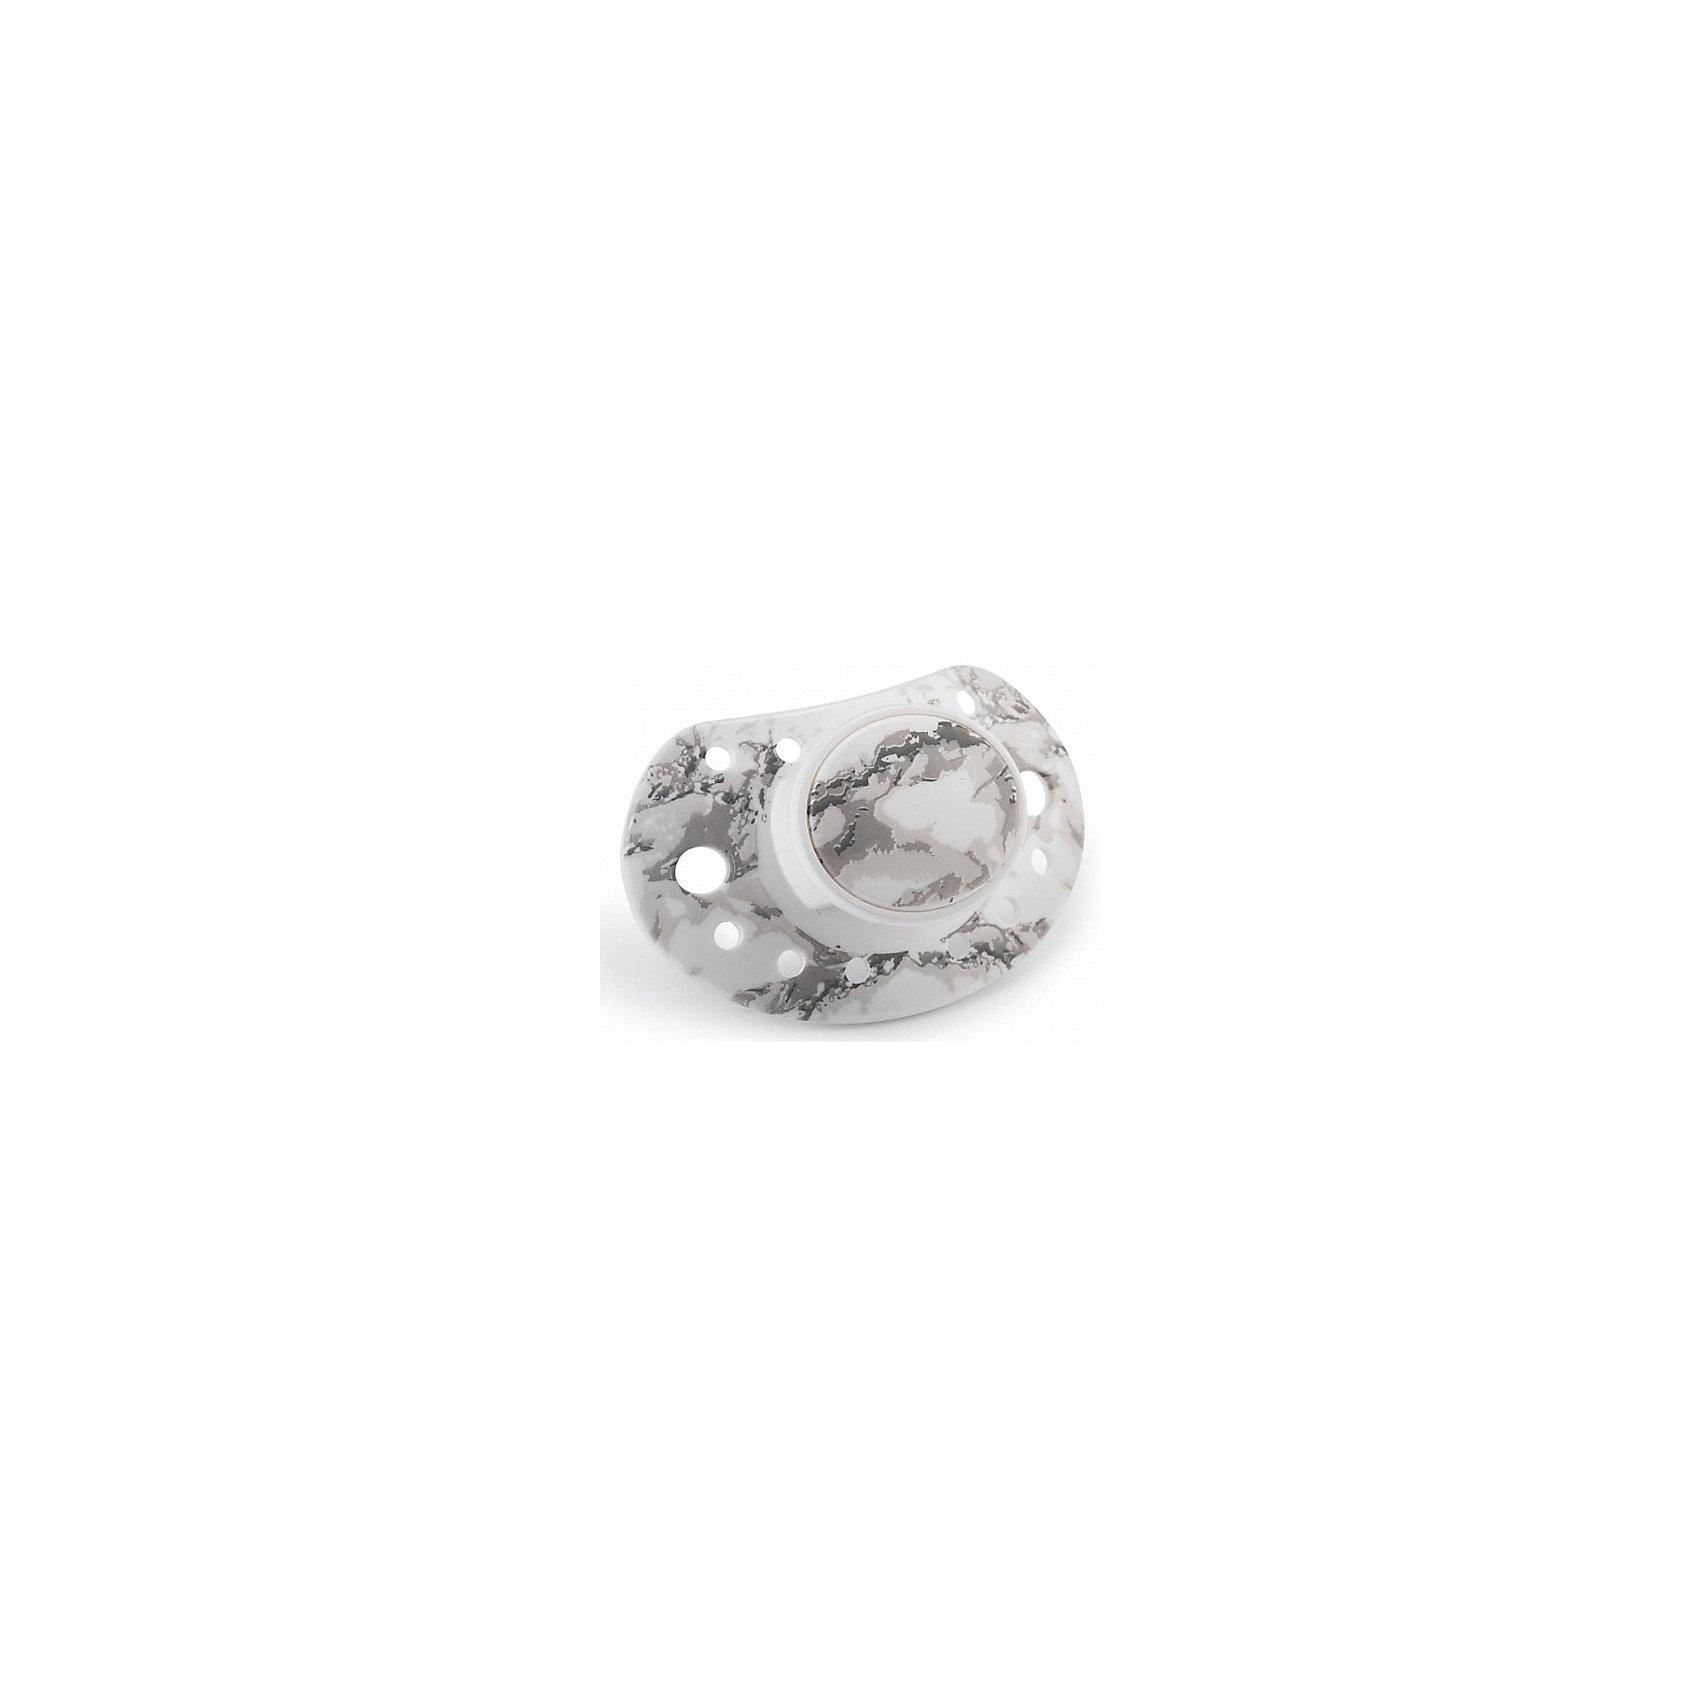 Пустышка Marble Grey, Elodie DetailsПустышки и аксессуары<br>Пустышка Marble Grey, Elodie Details (Элоди Дитейлс)<br><br>Характеристики:<br><br>• ортодонтальная форма<br>• соответствует европейскому стандарту<br>• не содержит бисфенол А<br>• материал: тритан<br>• размер упаковки: 14х8х5 см<br>• вес: 25 грамм<br><br>Стильная пустышка Marble Grey очень качественная и полностью безопасная для ребенка. Она изготовлена из тритана. Этот материал соответствует европейским стандартам, не содержит бисфенол А и обладает высокой прочностью. Ортодонтальная форма поспособствует правильному развитию ротовой полости. Красивая и качественная пустышка - отличный подарок для маленьких модников!<br><br>Пустышку Marble Grey, Elodie Details (Элоди Дитейлс) можно купить в нашем интернет-магазине.<br><br>Ширина мм: 140<br>Глубина мм: 80<br>Высота мм: 50<br>Вес г: 25<br>Возраст от месяцев: 3<br>Возраст до месяцев: 18<br>Пол: Унисекс<br>Возраст: Детский<br>SKU: 4887727